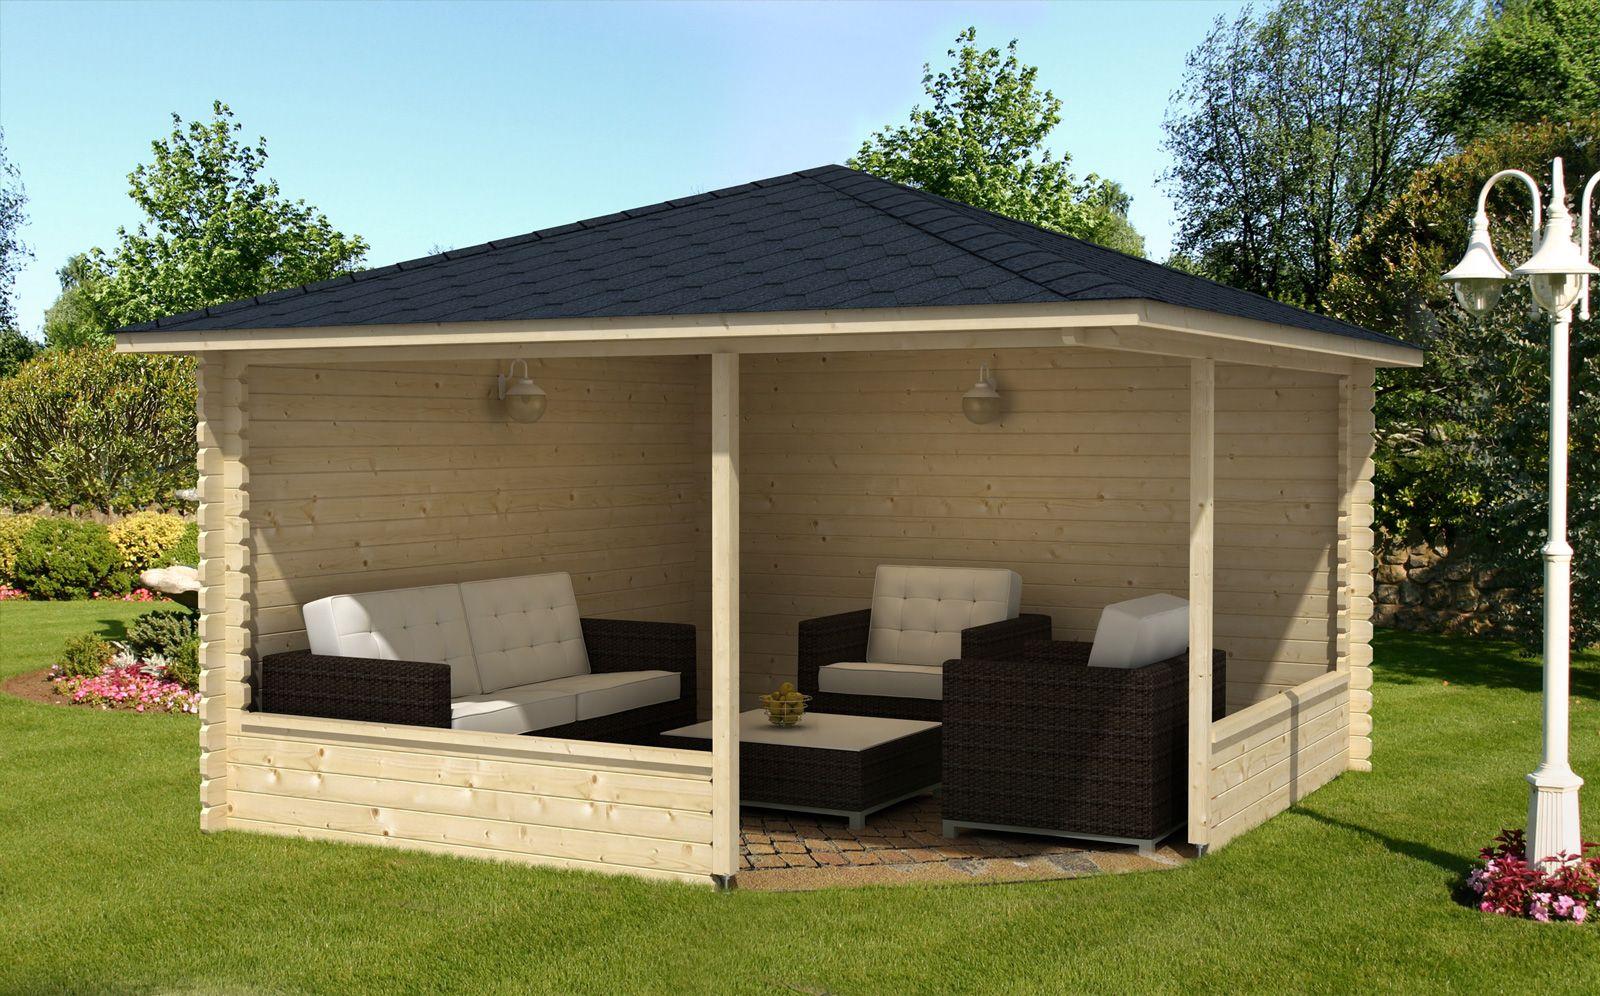 5Eck Gartenlaube Maik40 Kleiner hinterhof terrasse